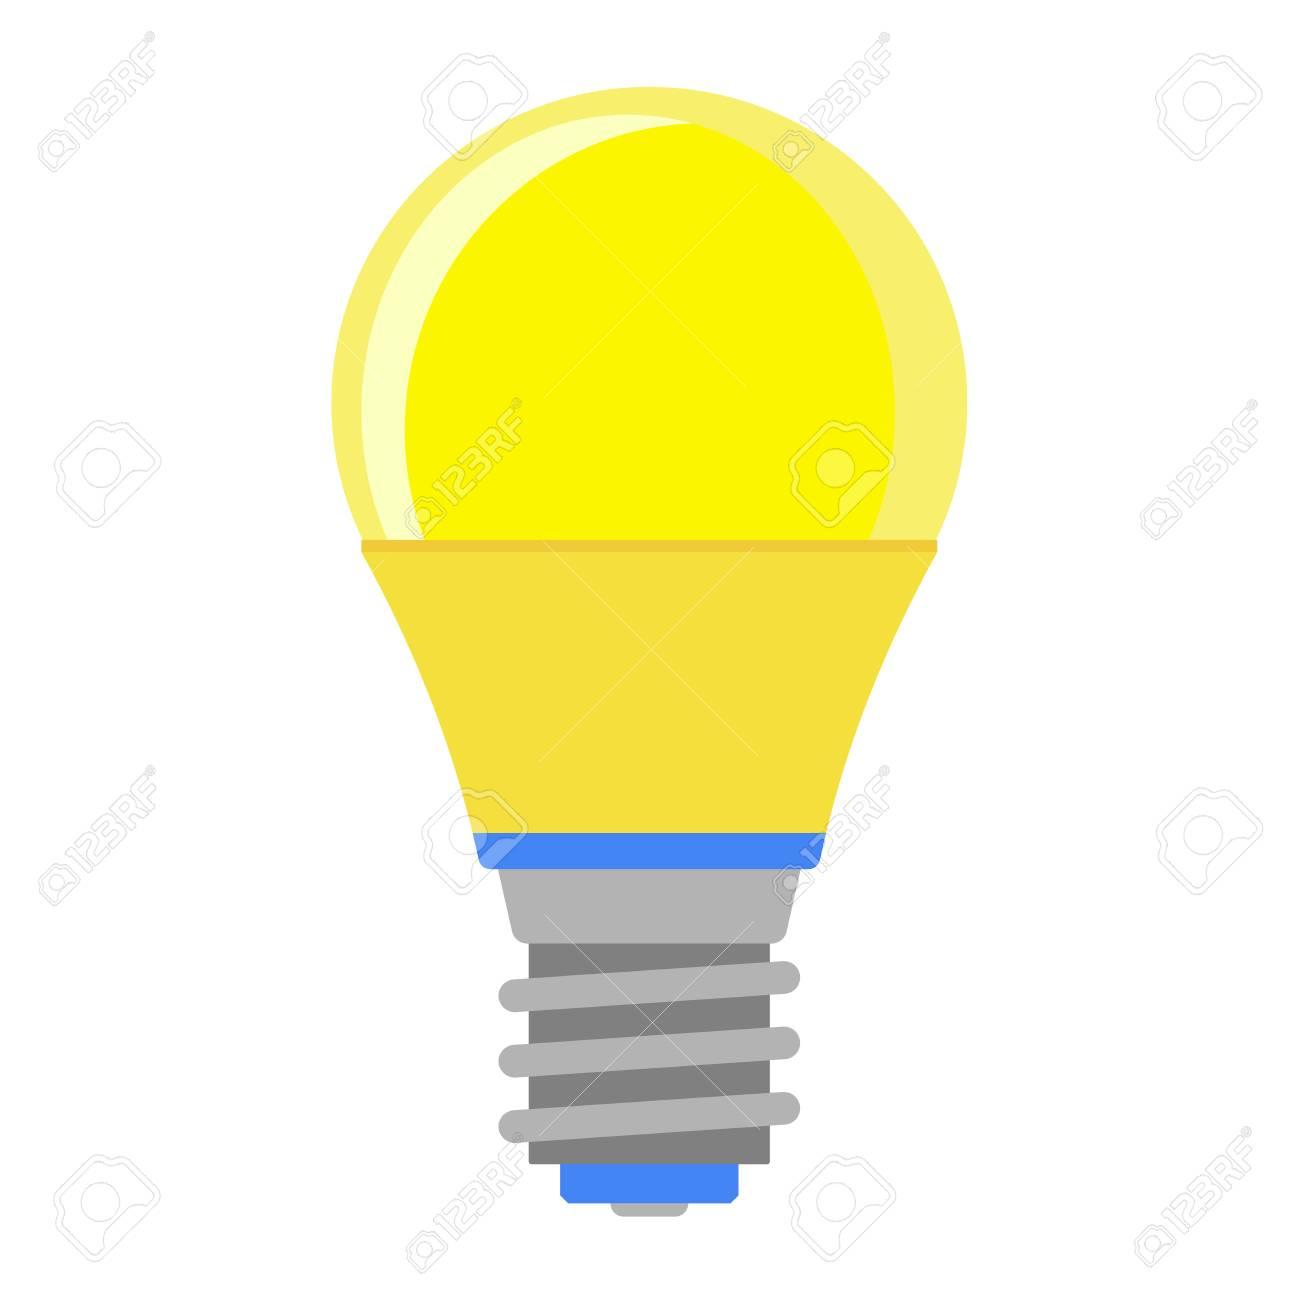 plana interiores lámpara la de herramienta la luz de dibujos historieta planabombilla eléctrica de y Lámpara de animados vector brillantes 4jL5RA